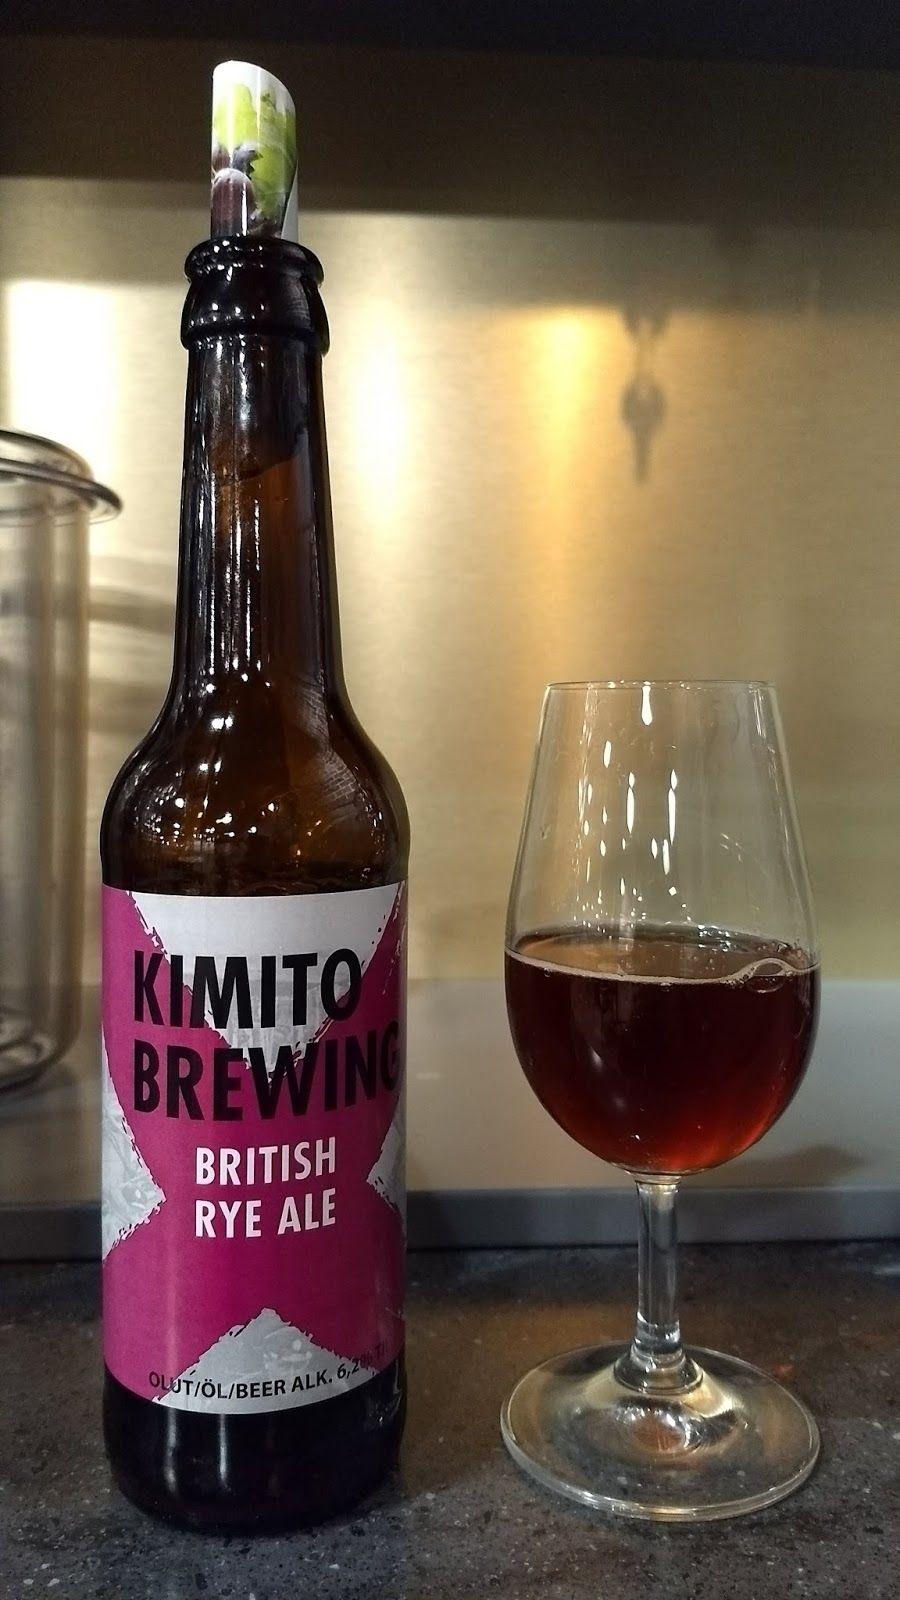 Kimito Brewing